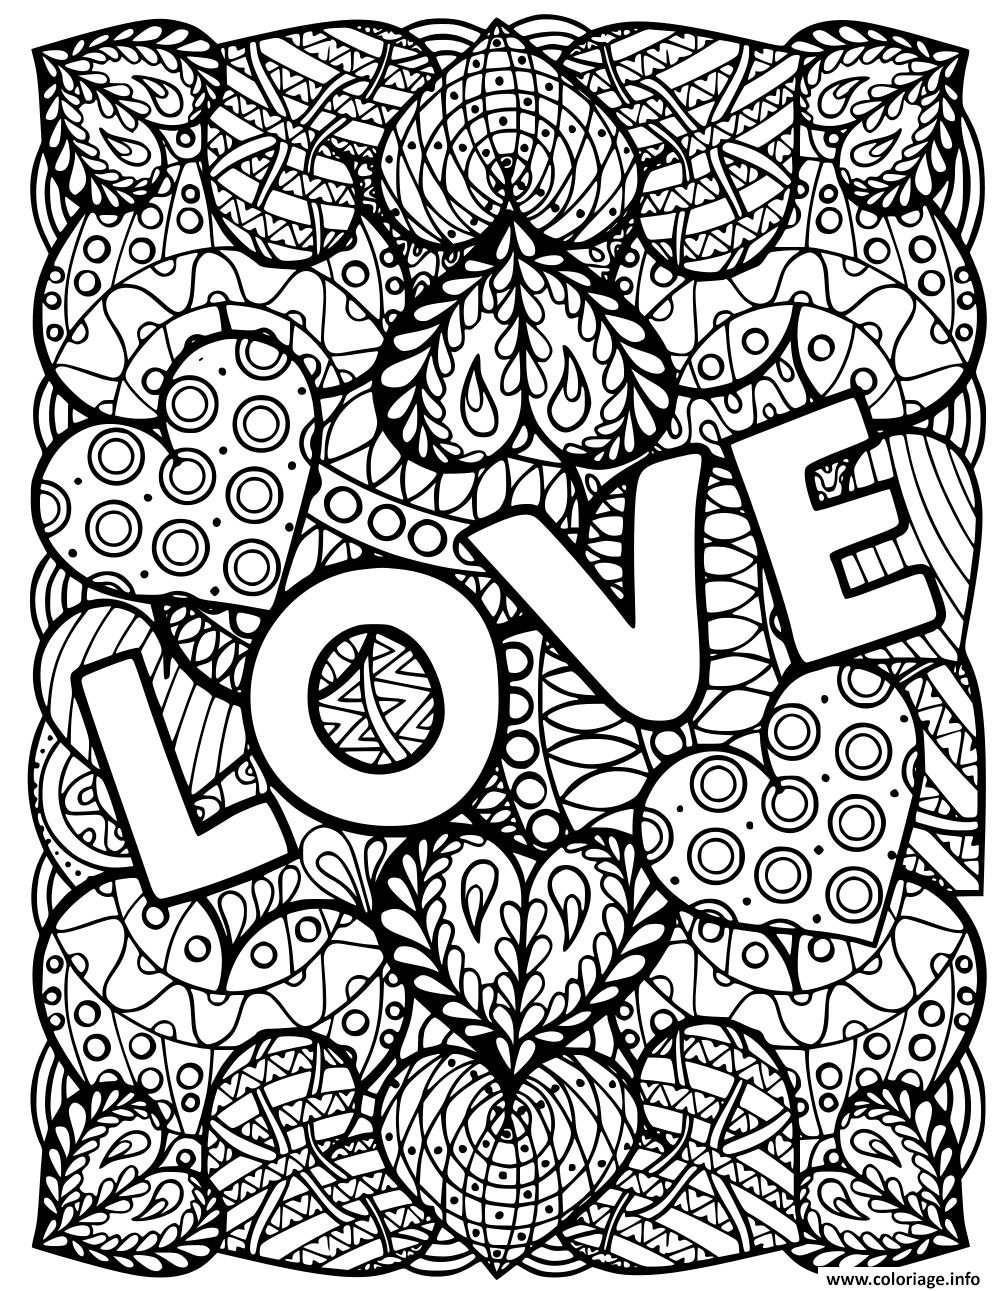 Dessin adulte love coeurs saint valentin Coloriage Gratuit à Imprimer